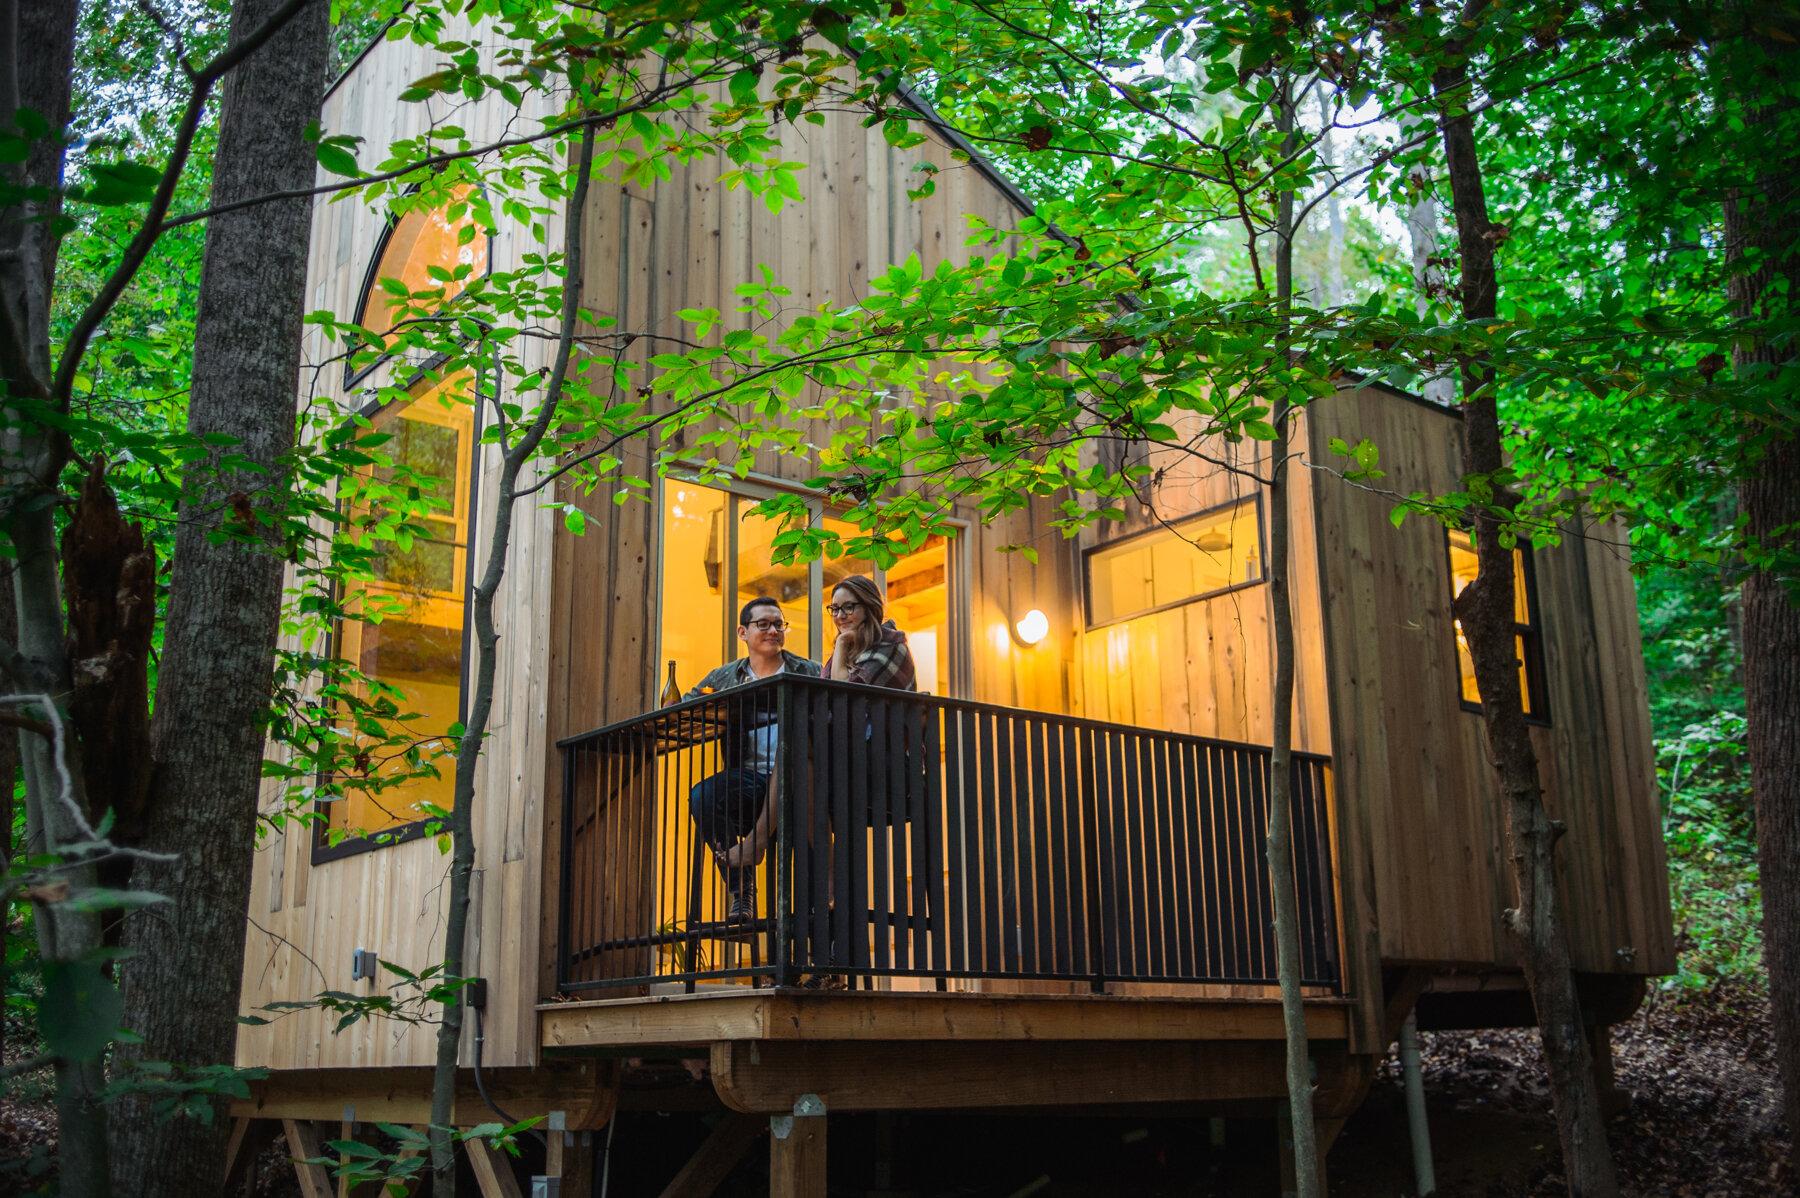 Căsuță în pădure de numai 37 m² cuibul perfect pentru o vacanță în doi 3